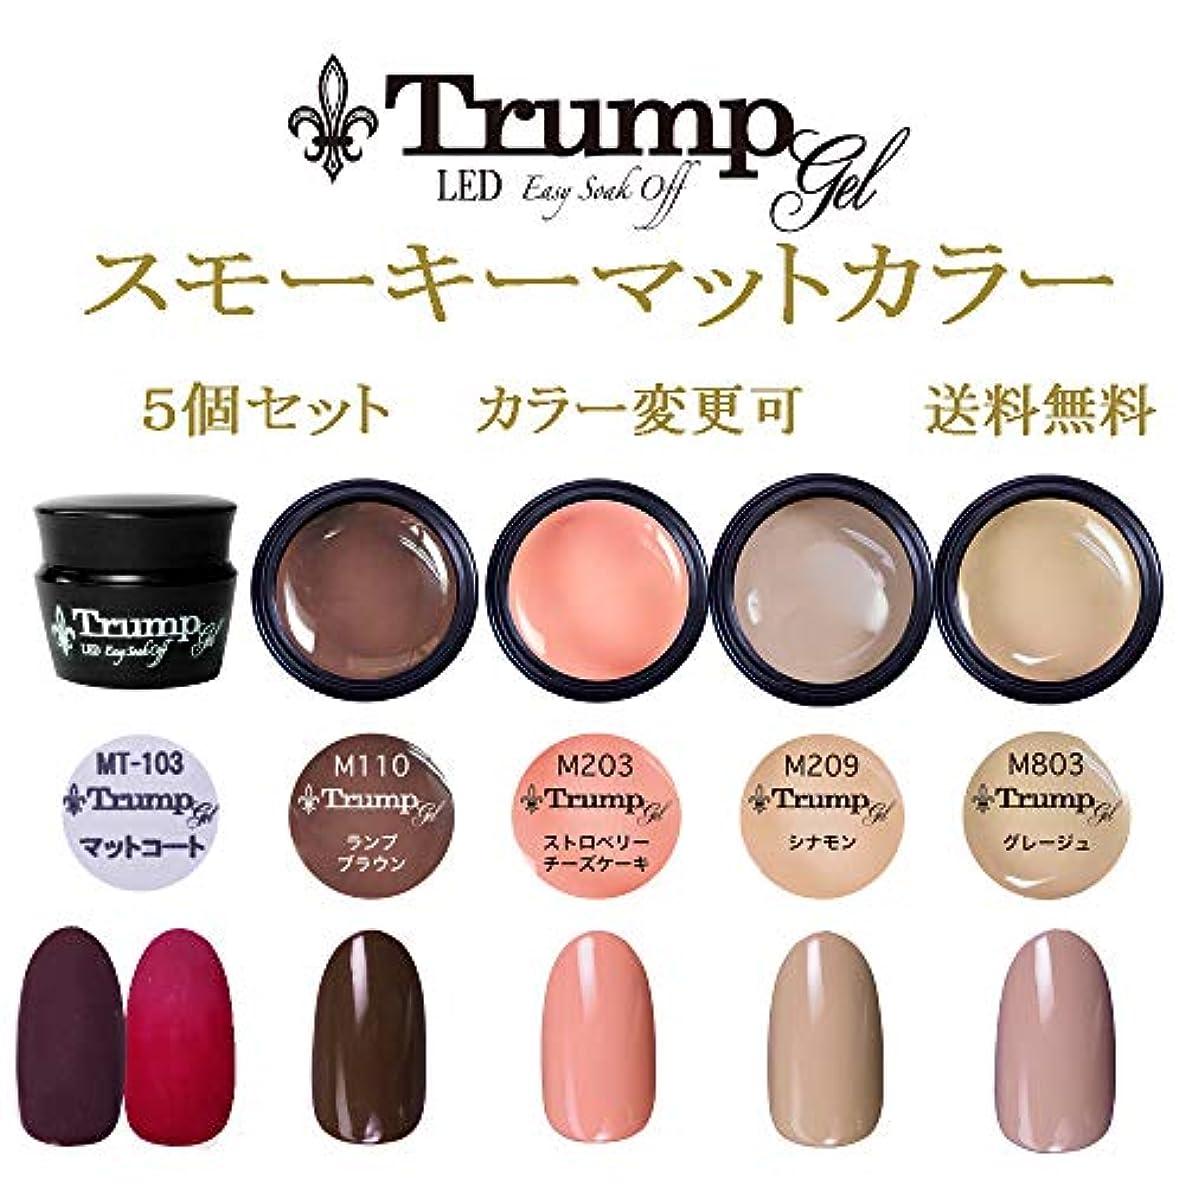 ホールド引き出し淡い【送料無料】日本製 Trump gel トランプジェル スモーキーマット カラージェル 5個セット 魅惑のフロストマットトップとマットに合う人気カラーをチョイス